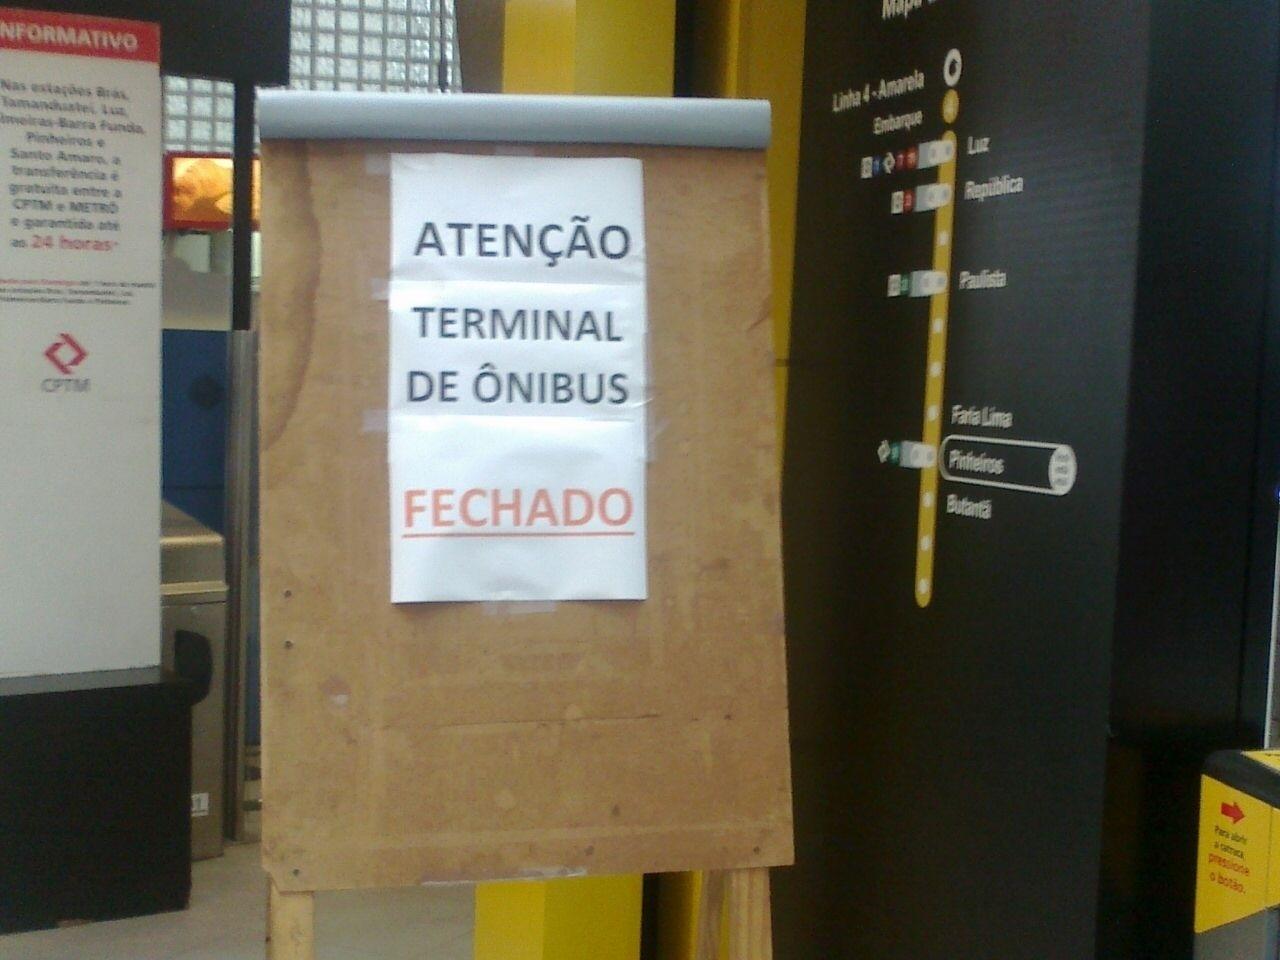 5.nov.2014 - Na estação de metrô Pinheiros, Leandro Avelino registrou a imagem do cartaz que avisa sobre o fechamento do terminal de ônibus na região por conta da paralisação de motoristas e cobradores entre 10h e 12h. A foto foi enviada pelo Whatsapp do UOL (11) 97500-1925